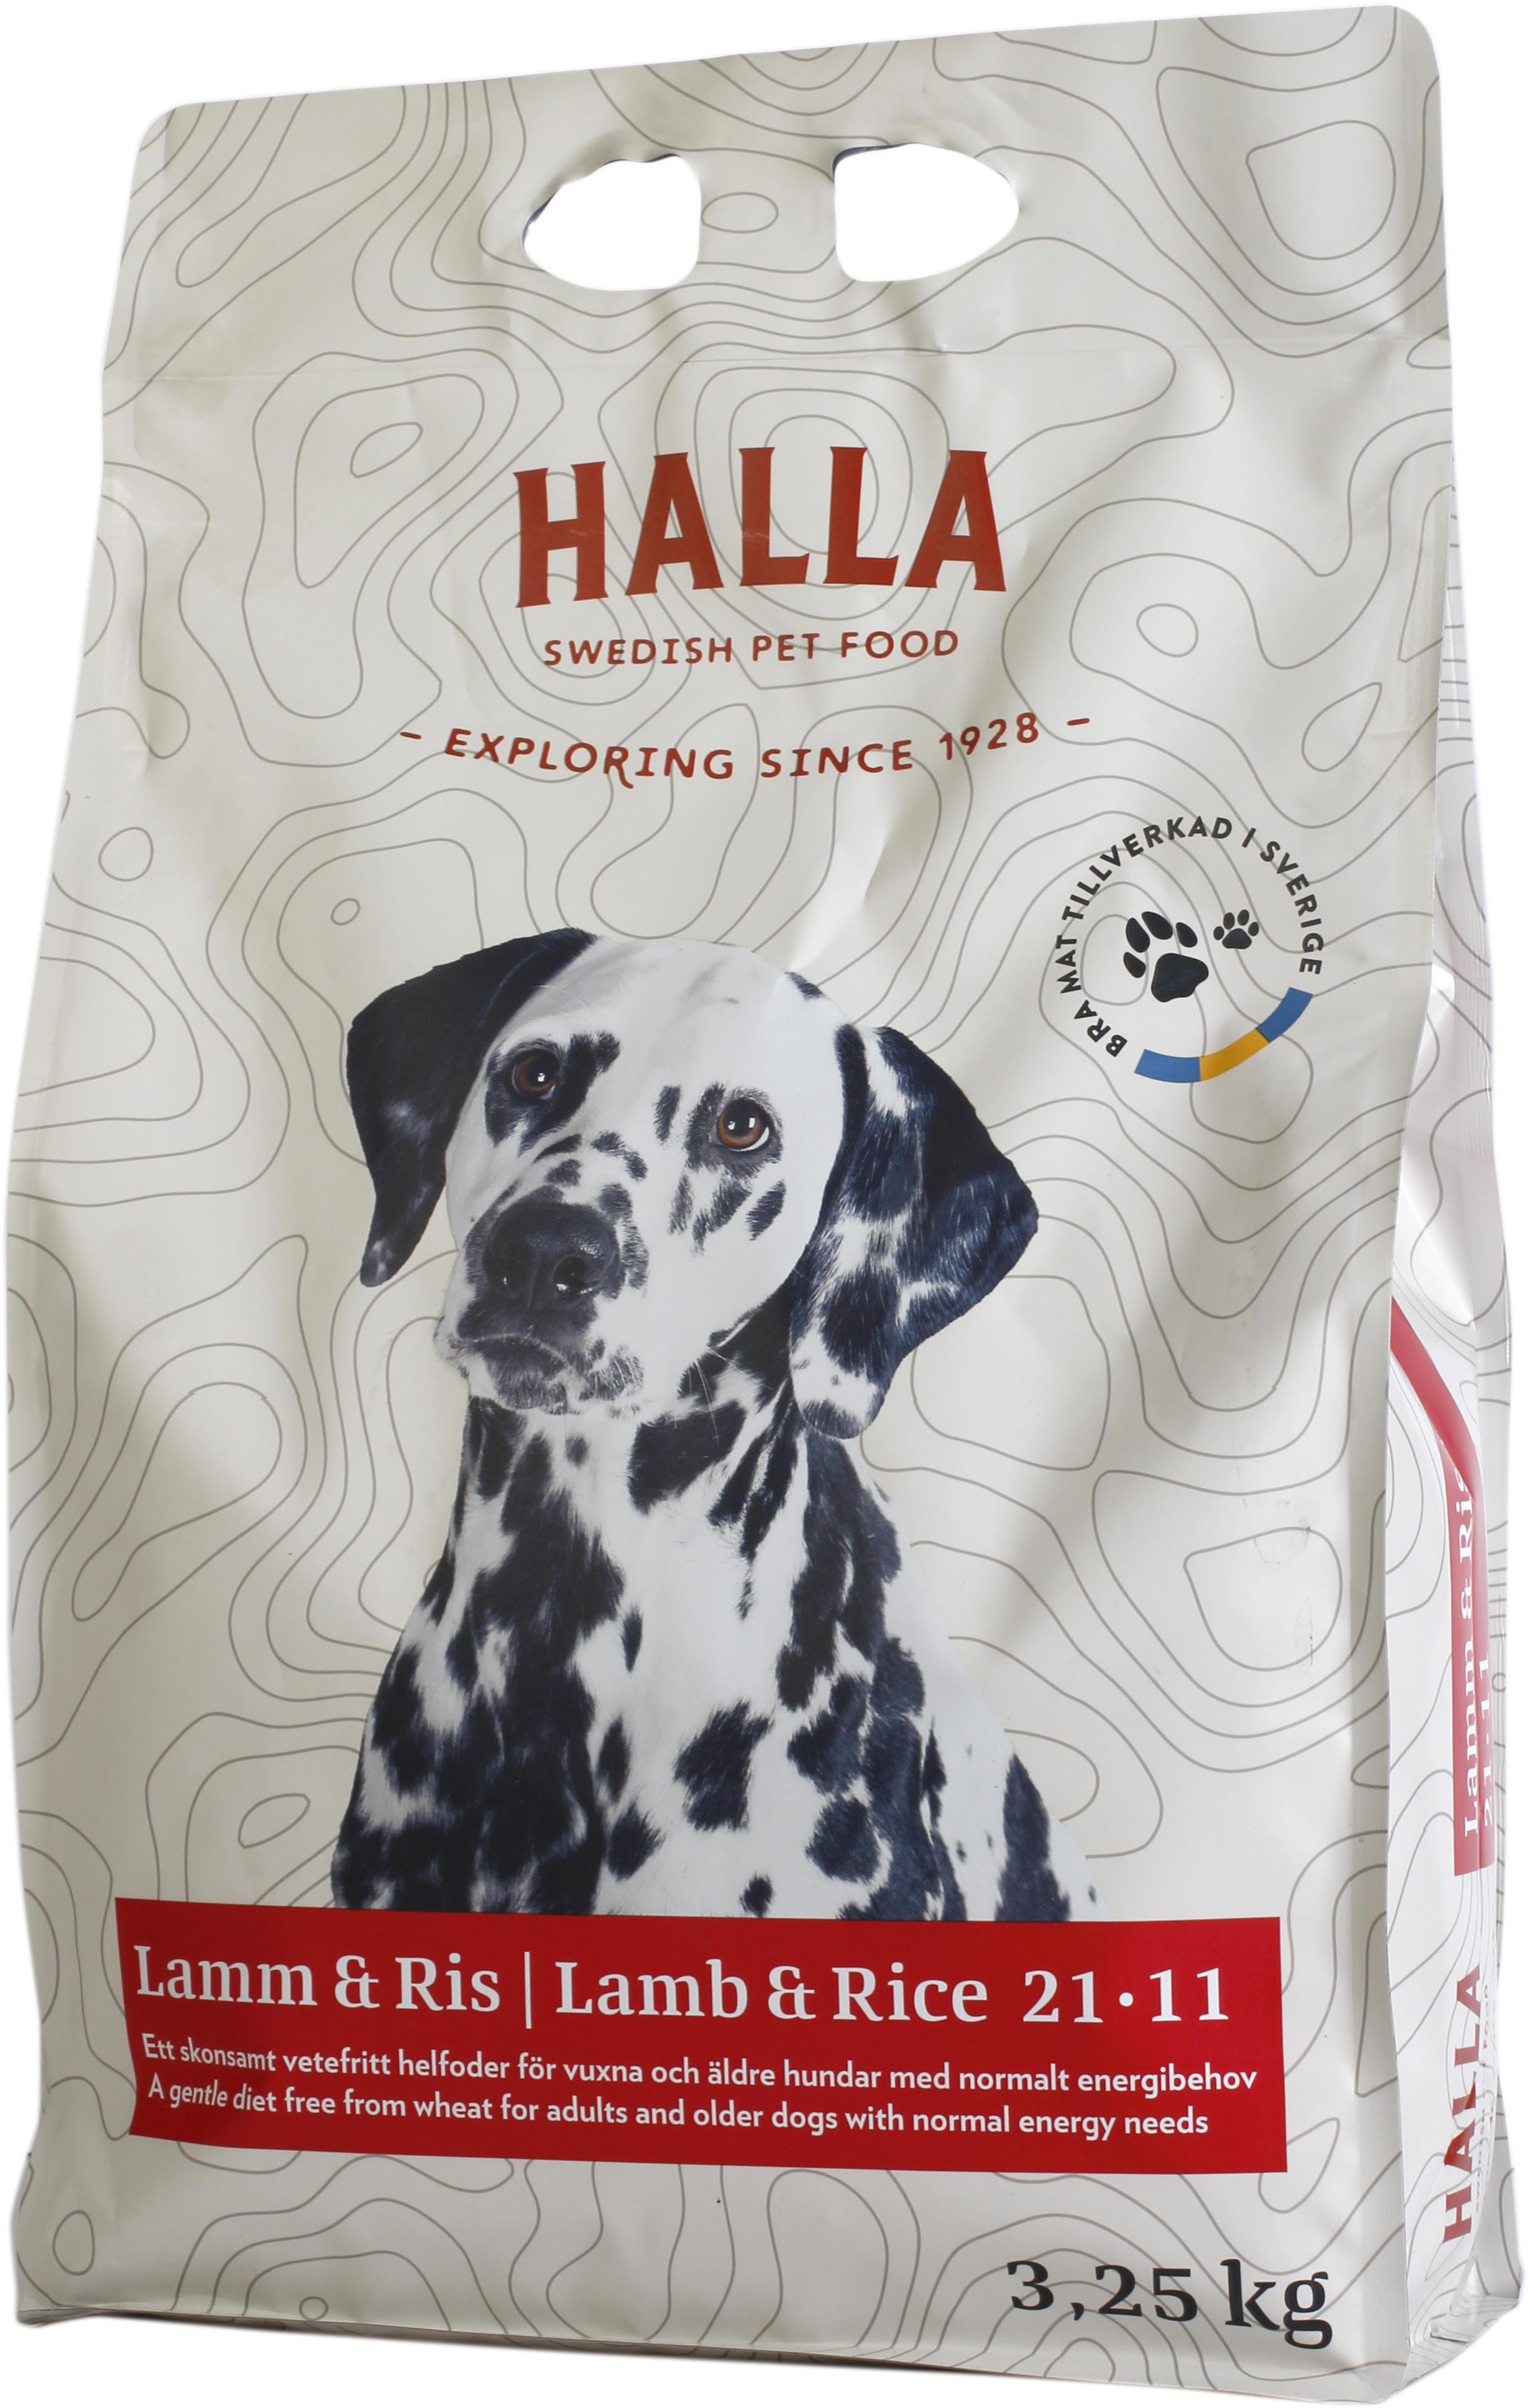 Hundfoder Halla Lamm och Ris, 3,25 kg